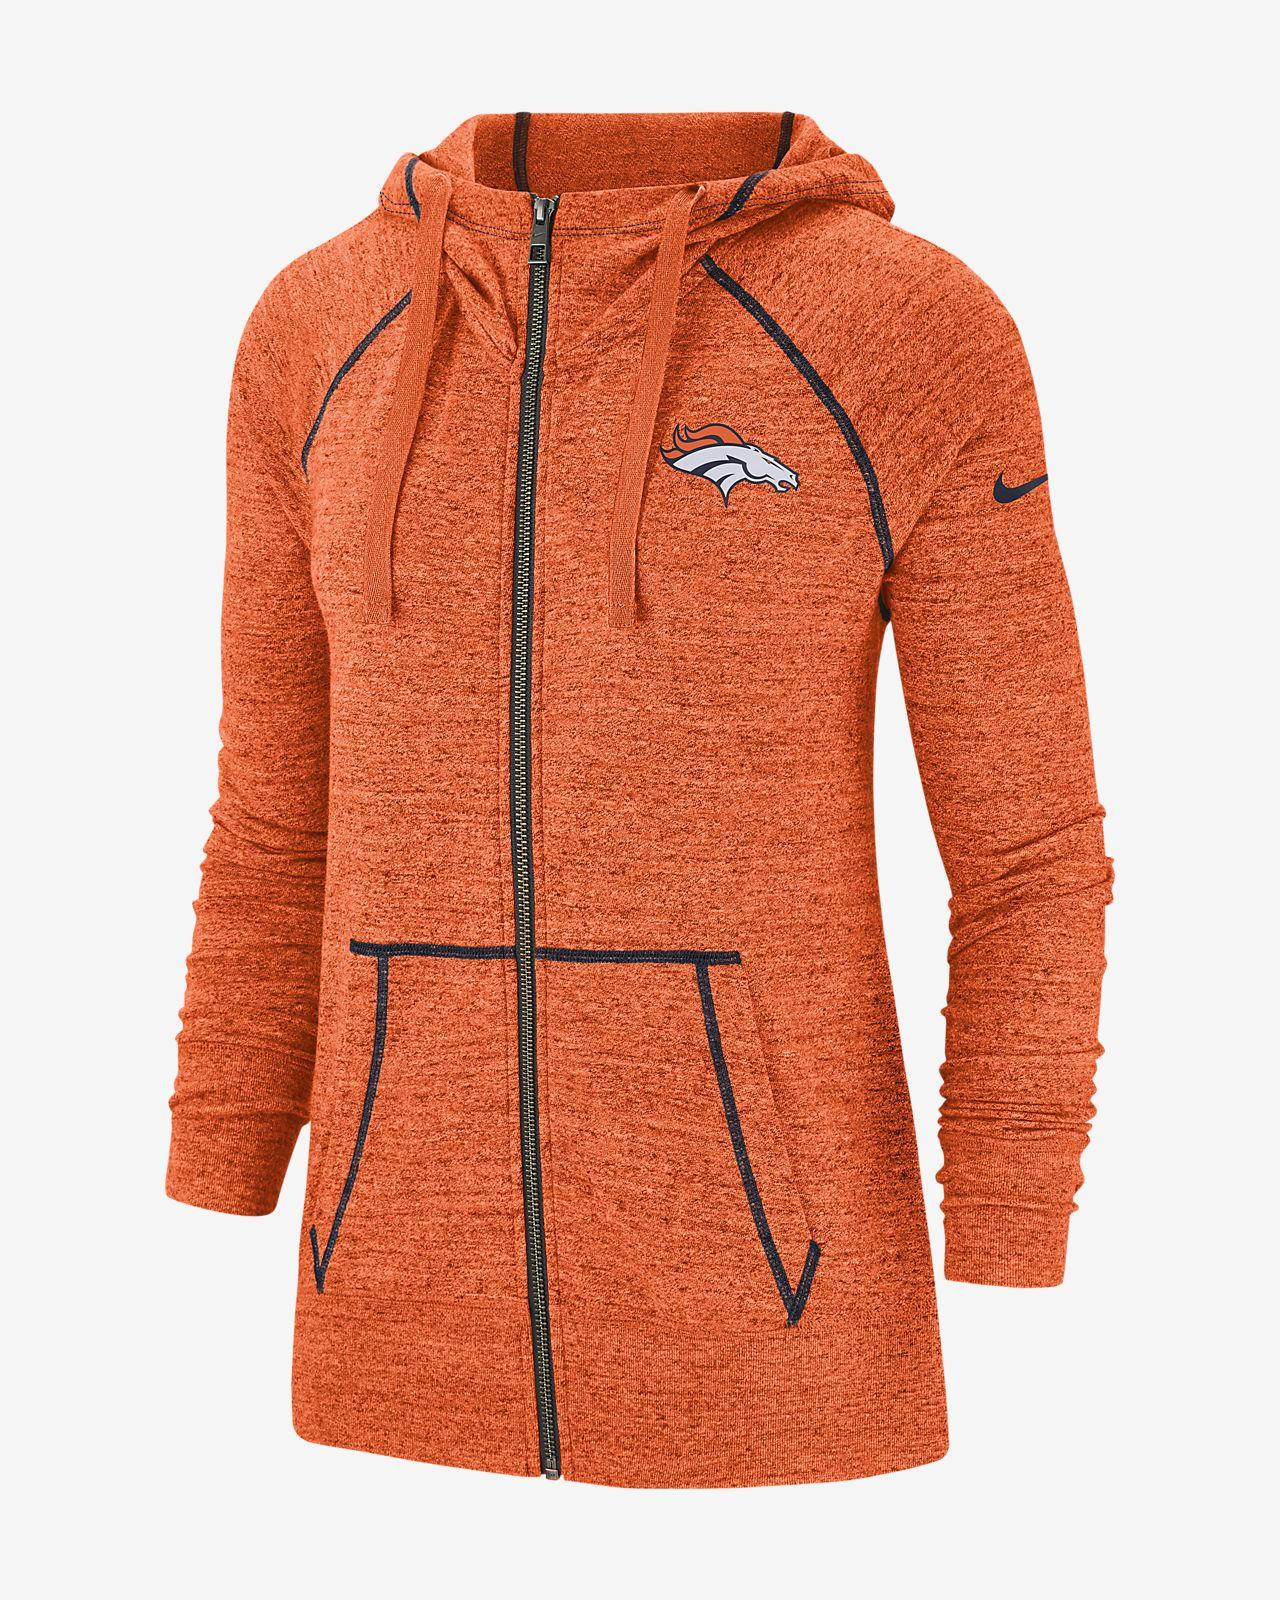 online retailer becbd 487ce Nike Gym Vintage (NFL Broncos) Women's Full-Zip Hoodie